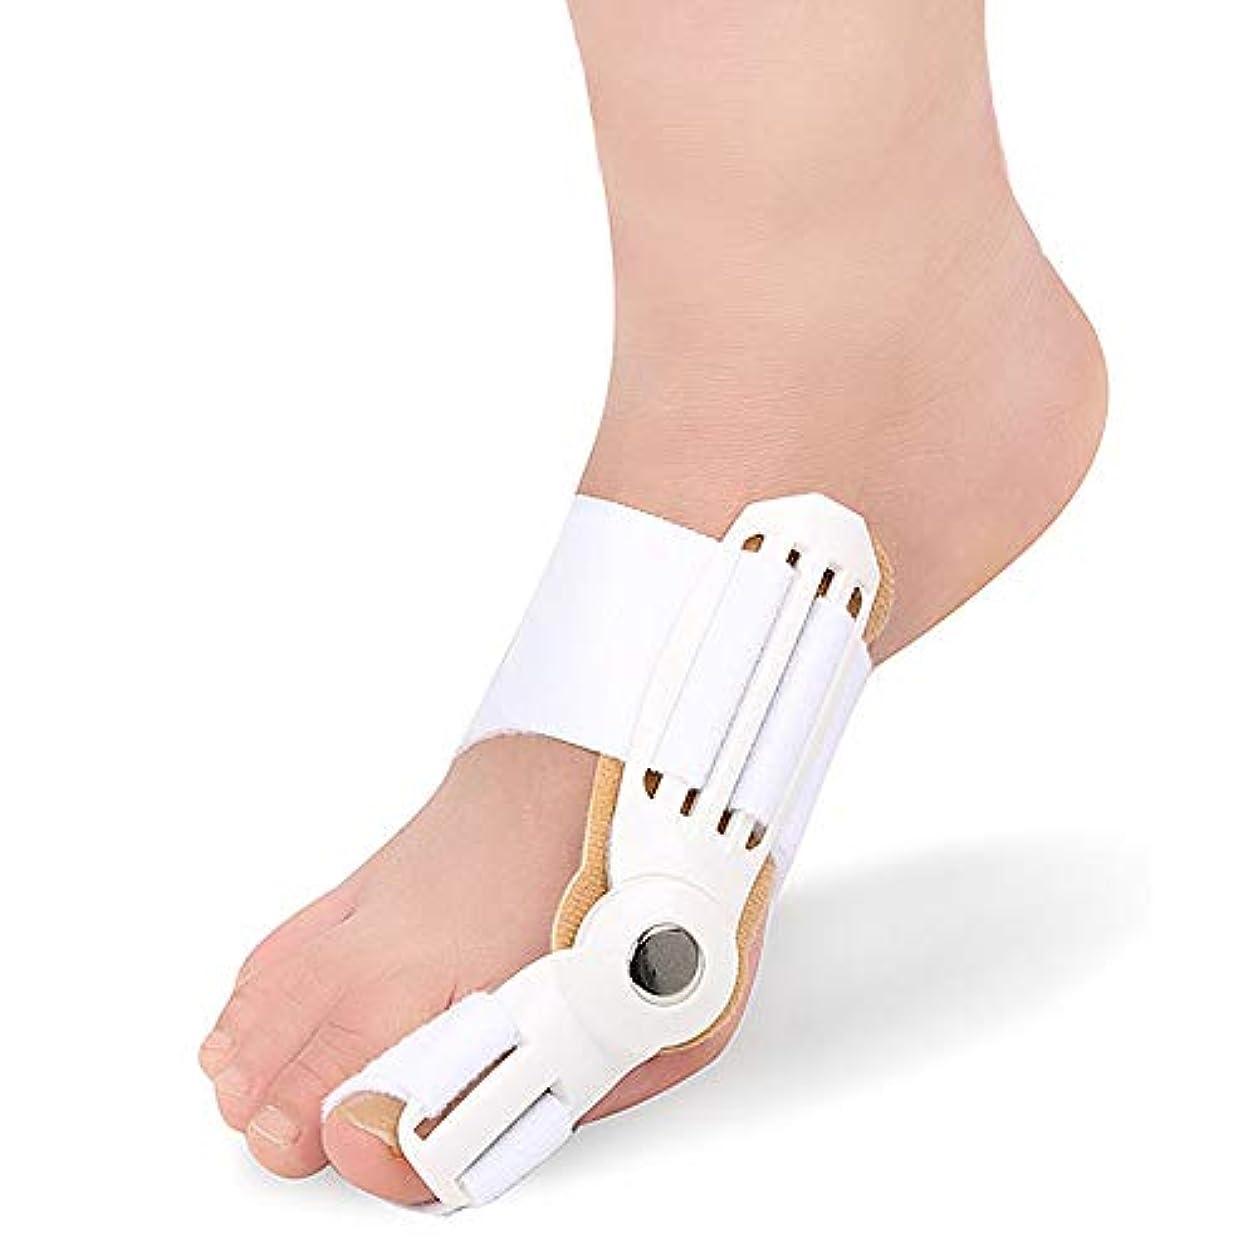 平衡韓国語むしゃむしゃつま先セパレーターは、ヨガのエクササイズ後のつま先重なりの腱板ユニバーサル左右ワンサイズ予防の痛みと変形を防ぎます,白